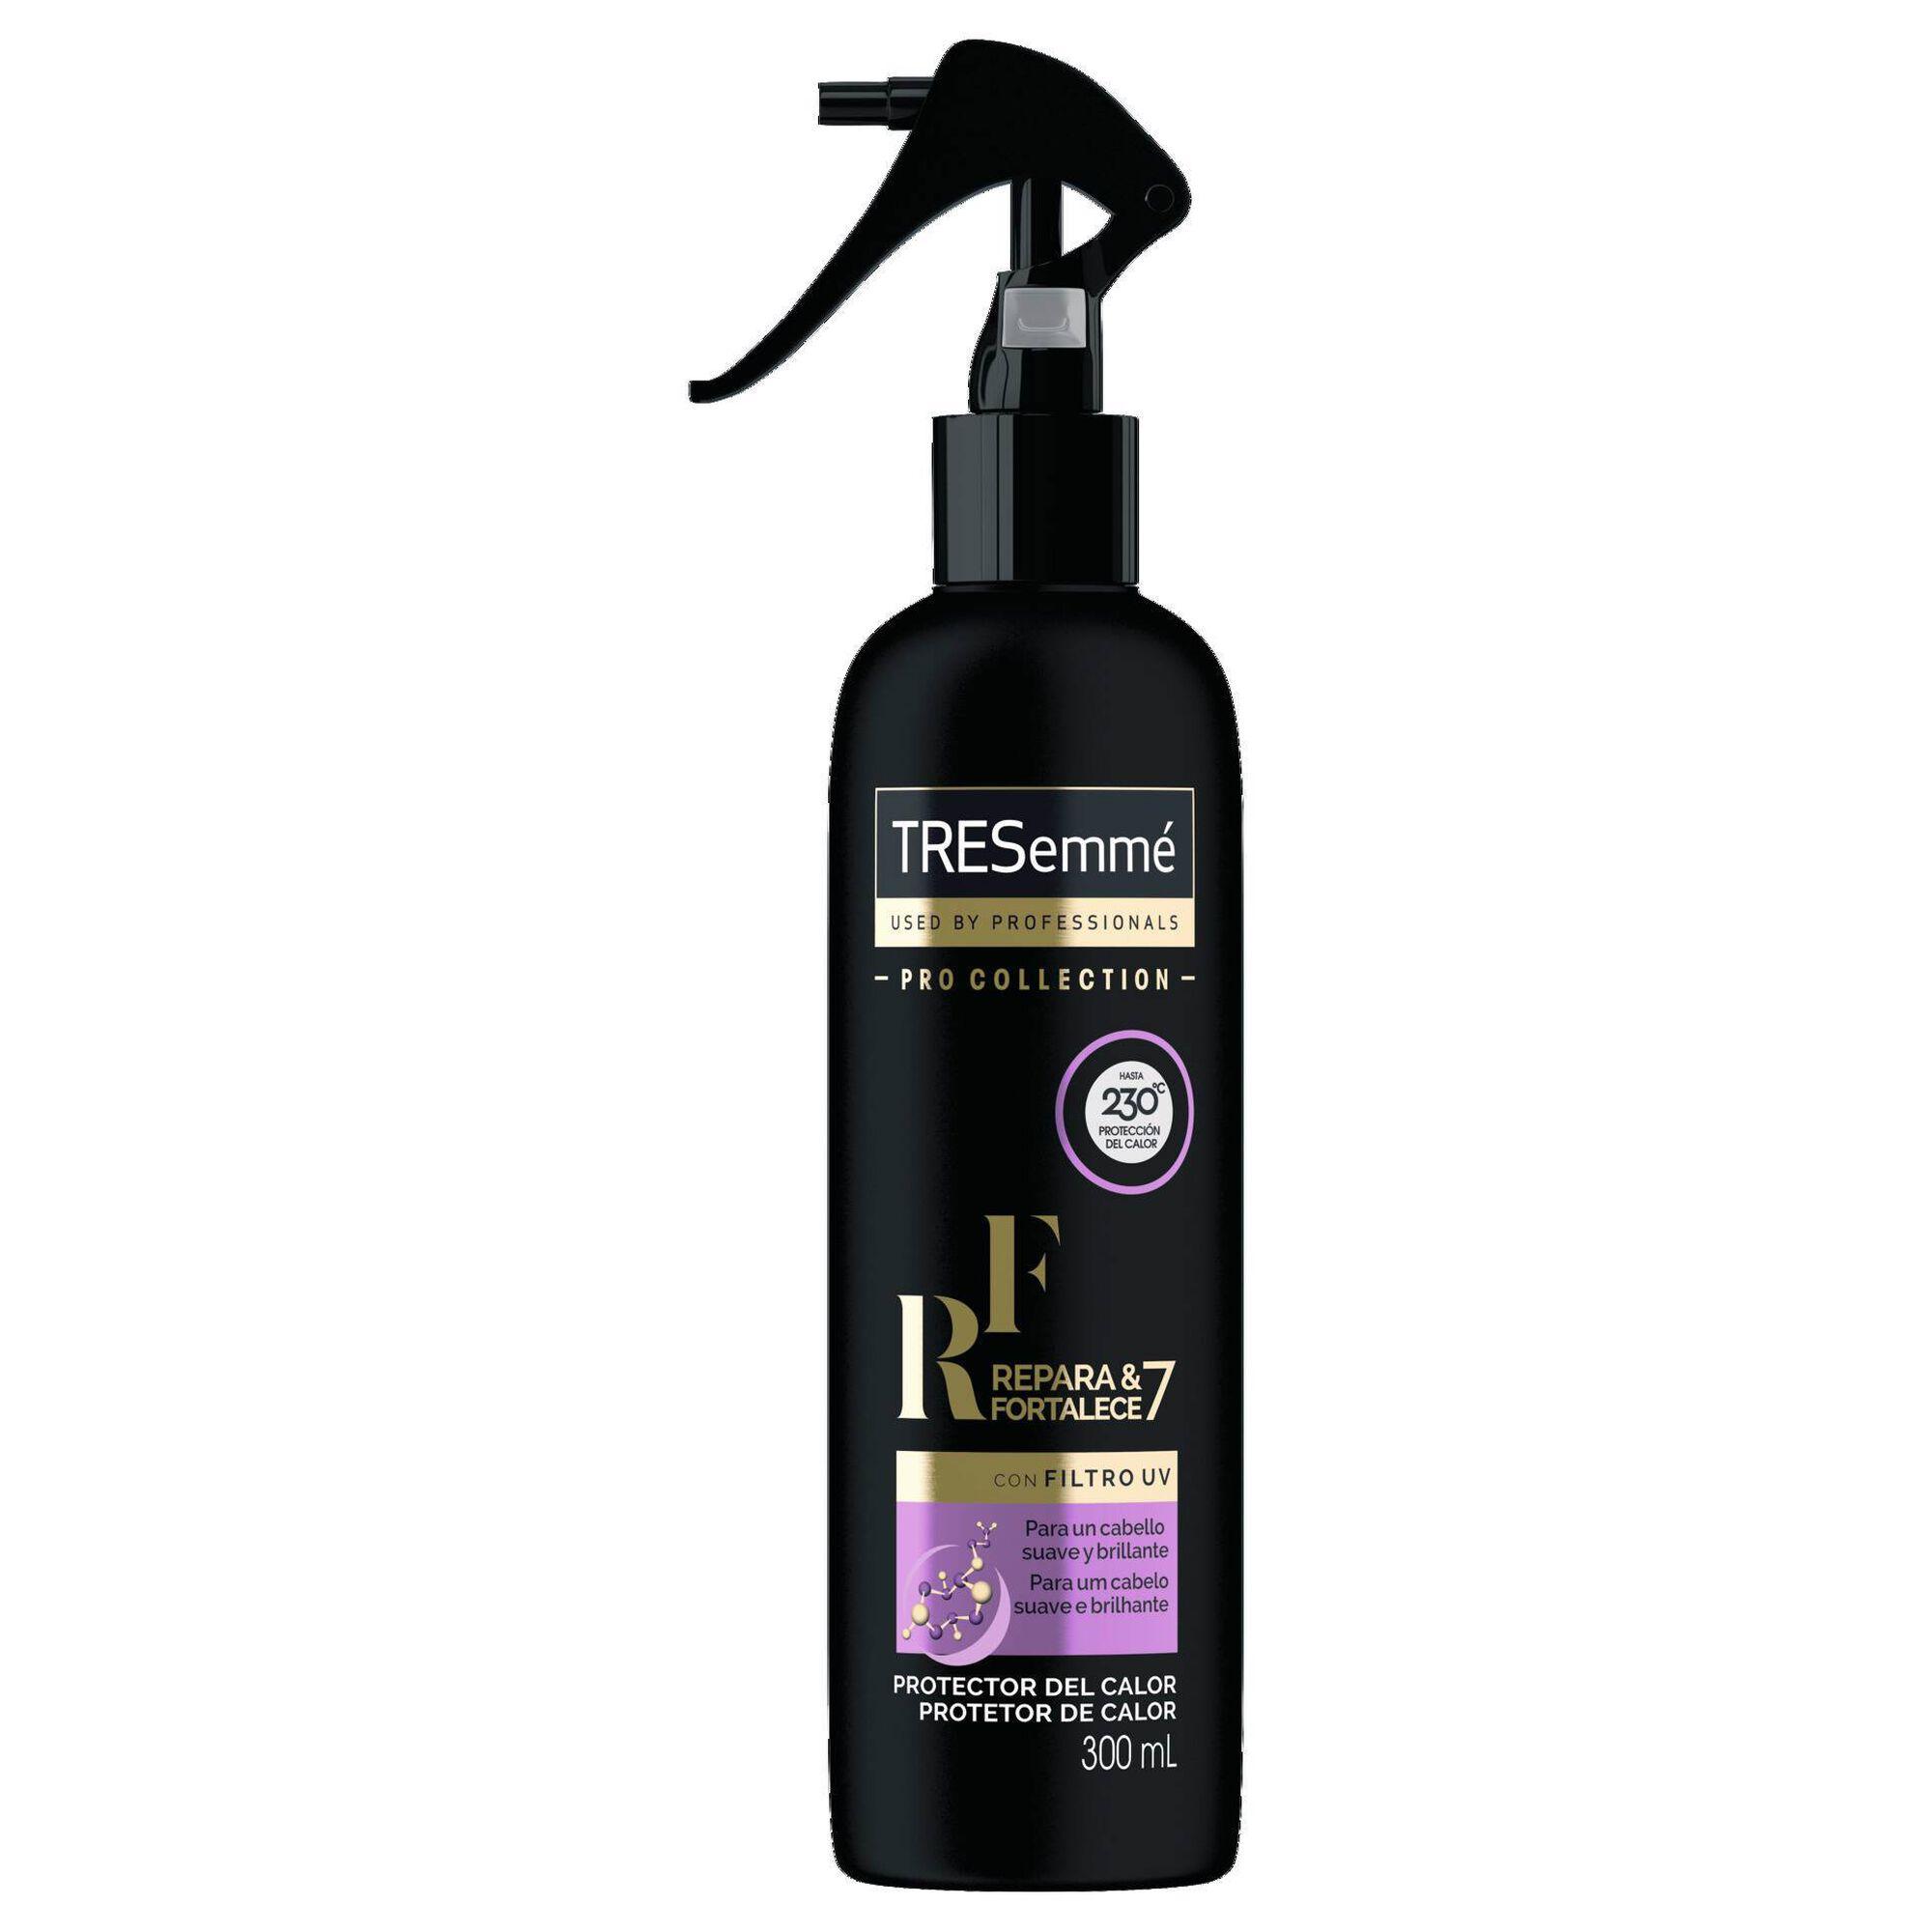 Spray Cabelo Protetor de Calor